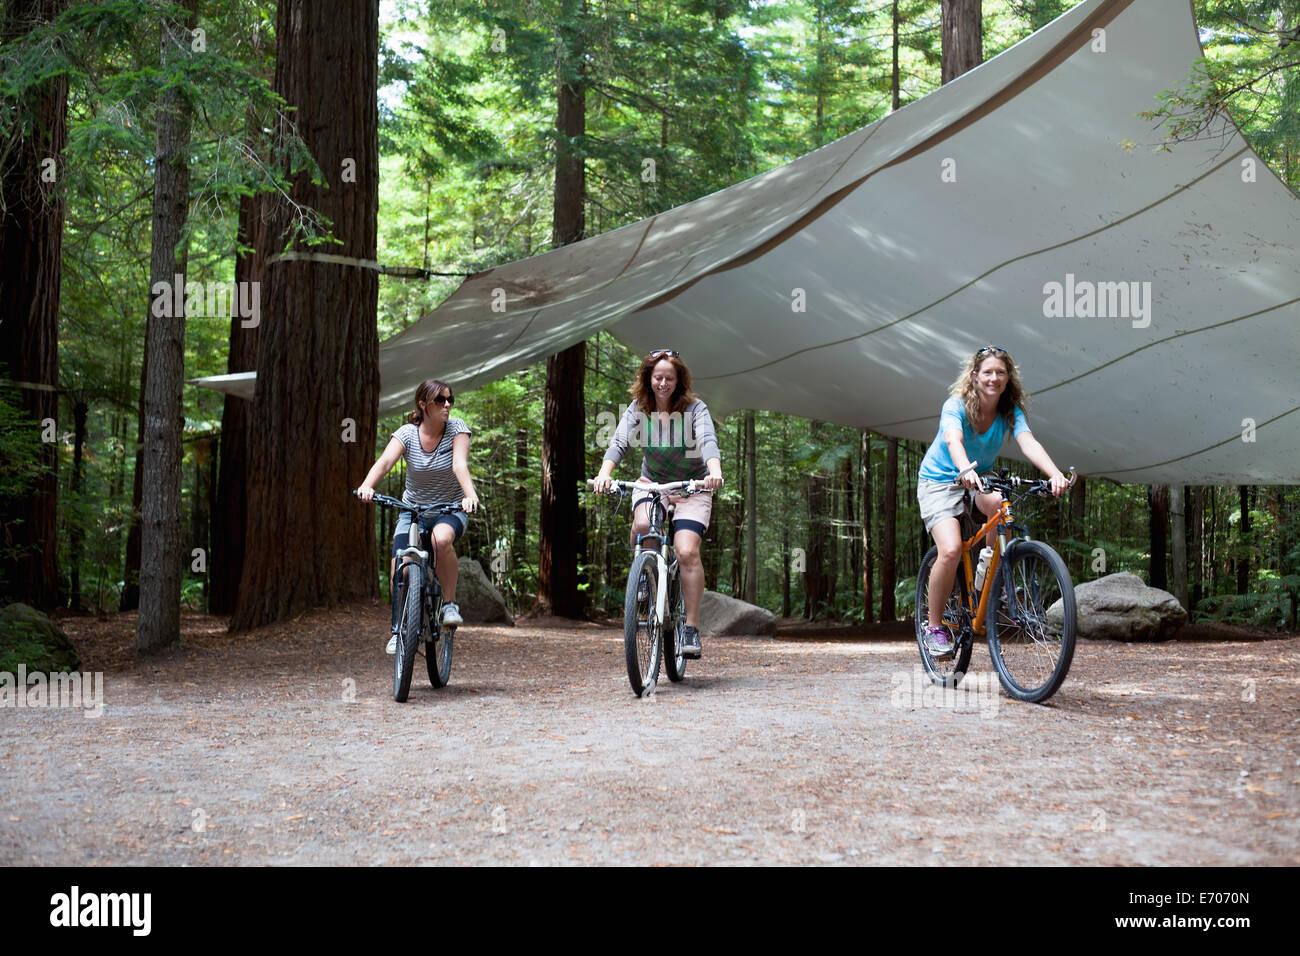 Trois femmes cyclistes de montagne randonnée à vélo à travers la forêt Photo Stock